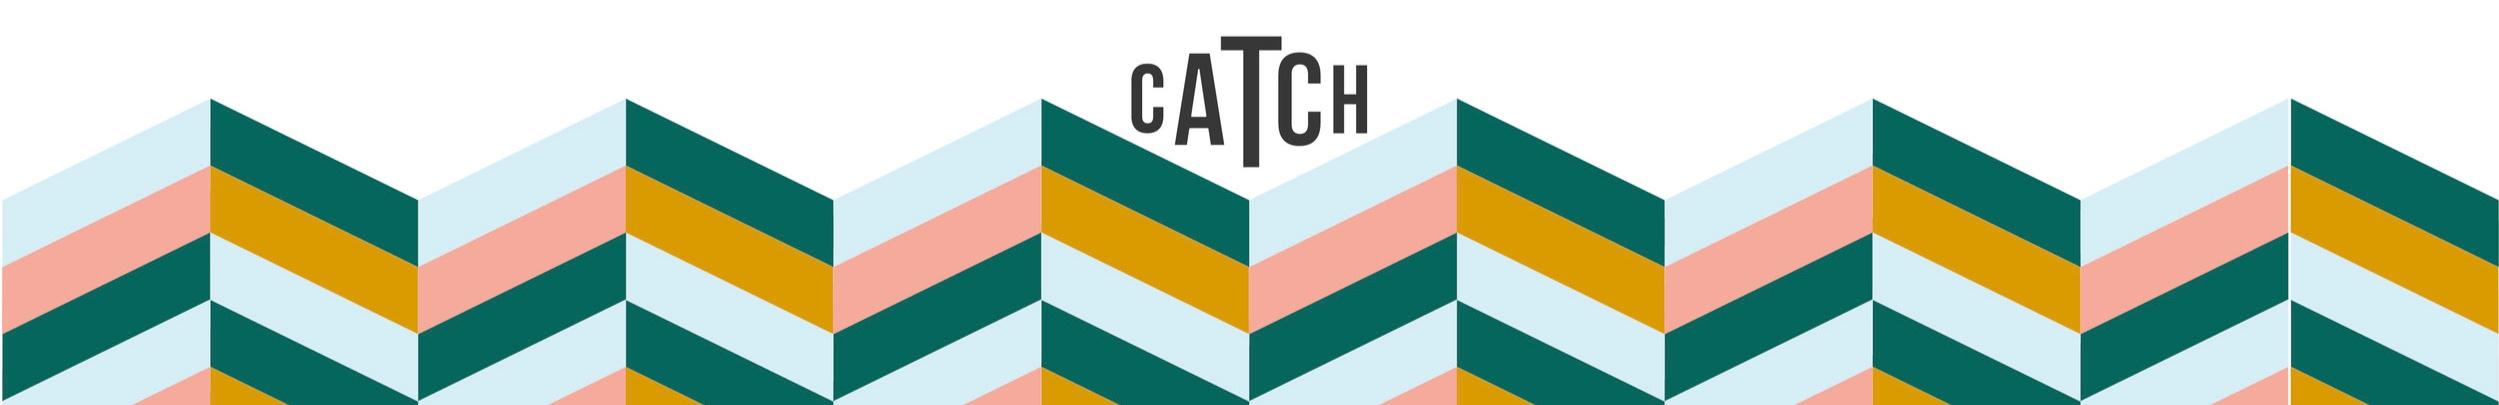 CATCH+BRANDING-24.jpg